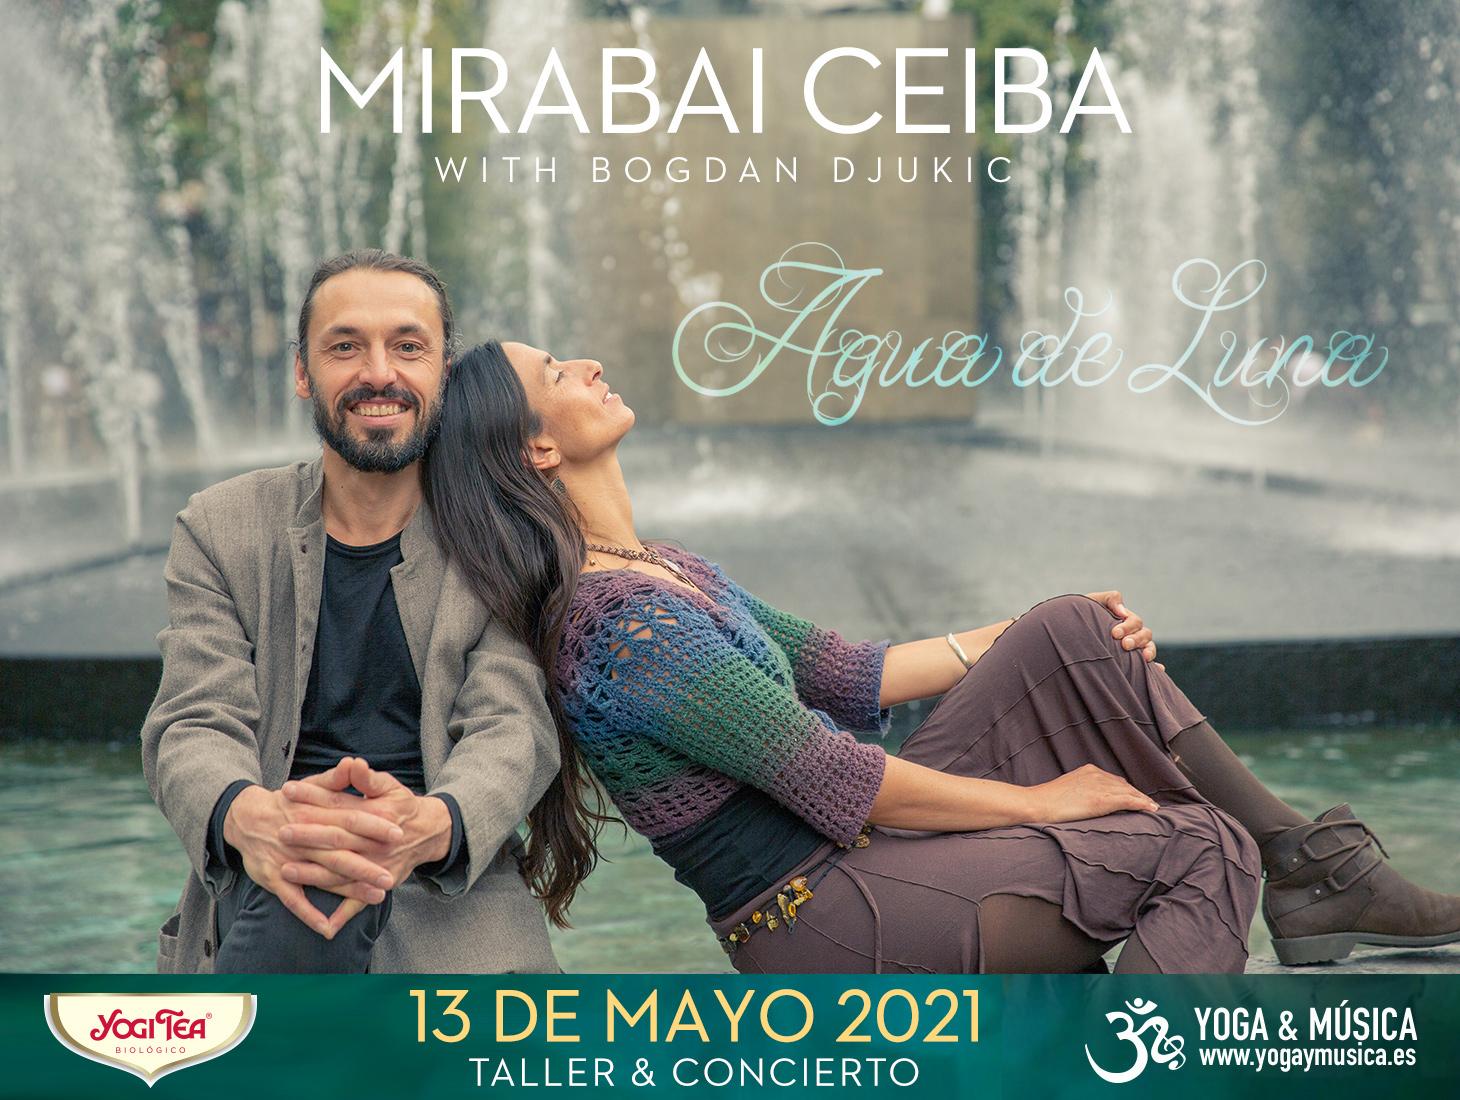 mirabai-ceiba-en-alicante-hogar-provincial-santa-faz-5ebc098cd88c8.jpeg